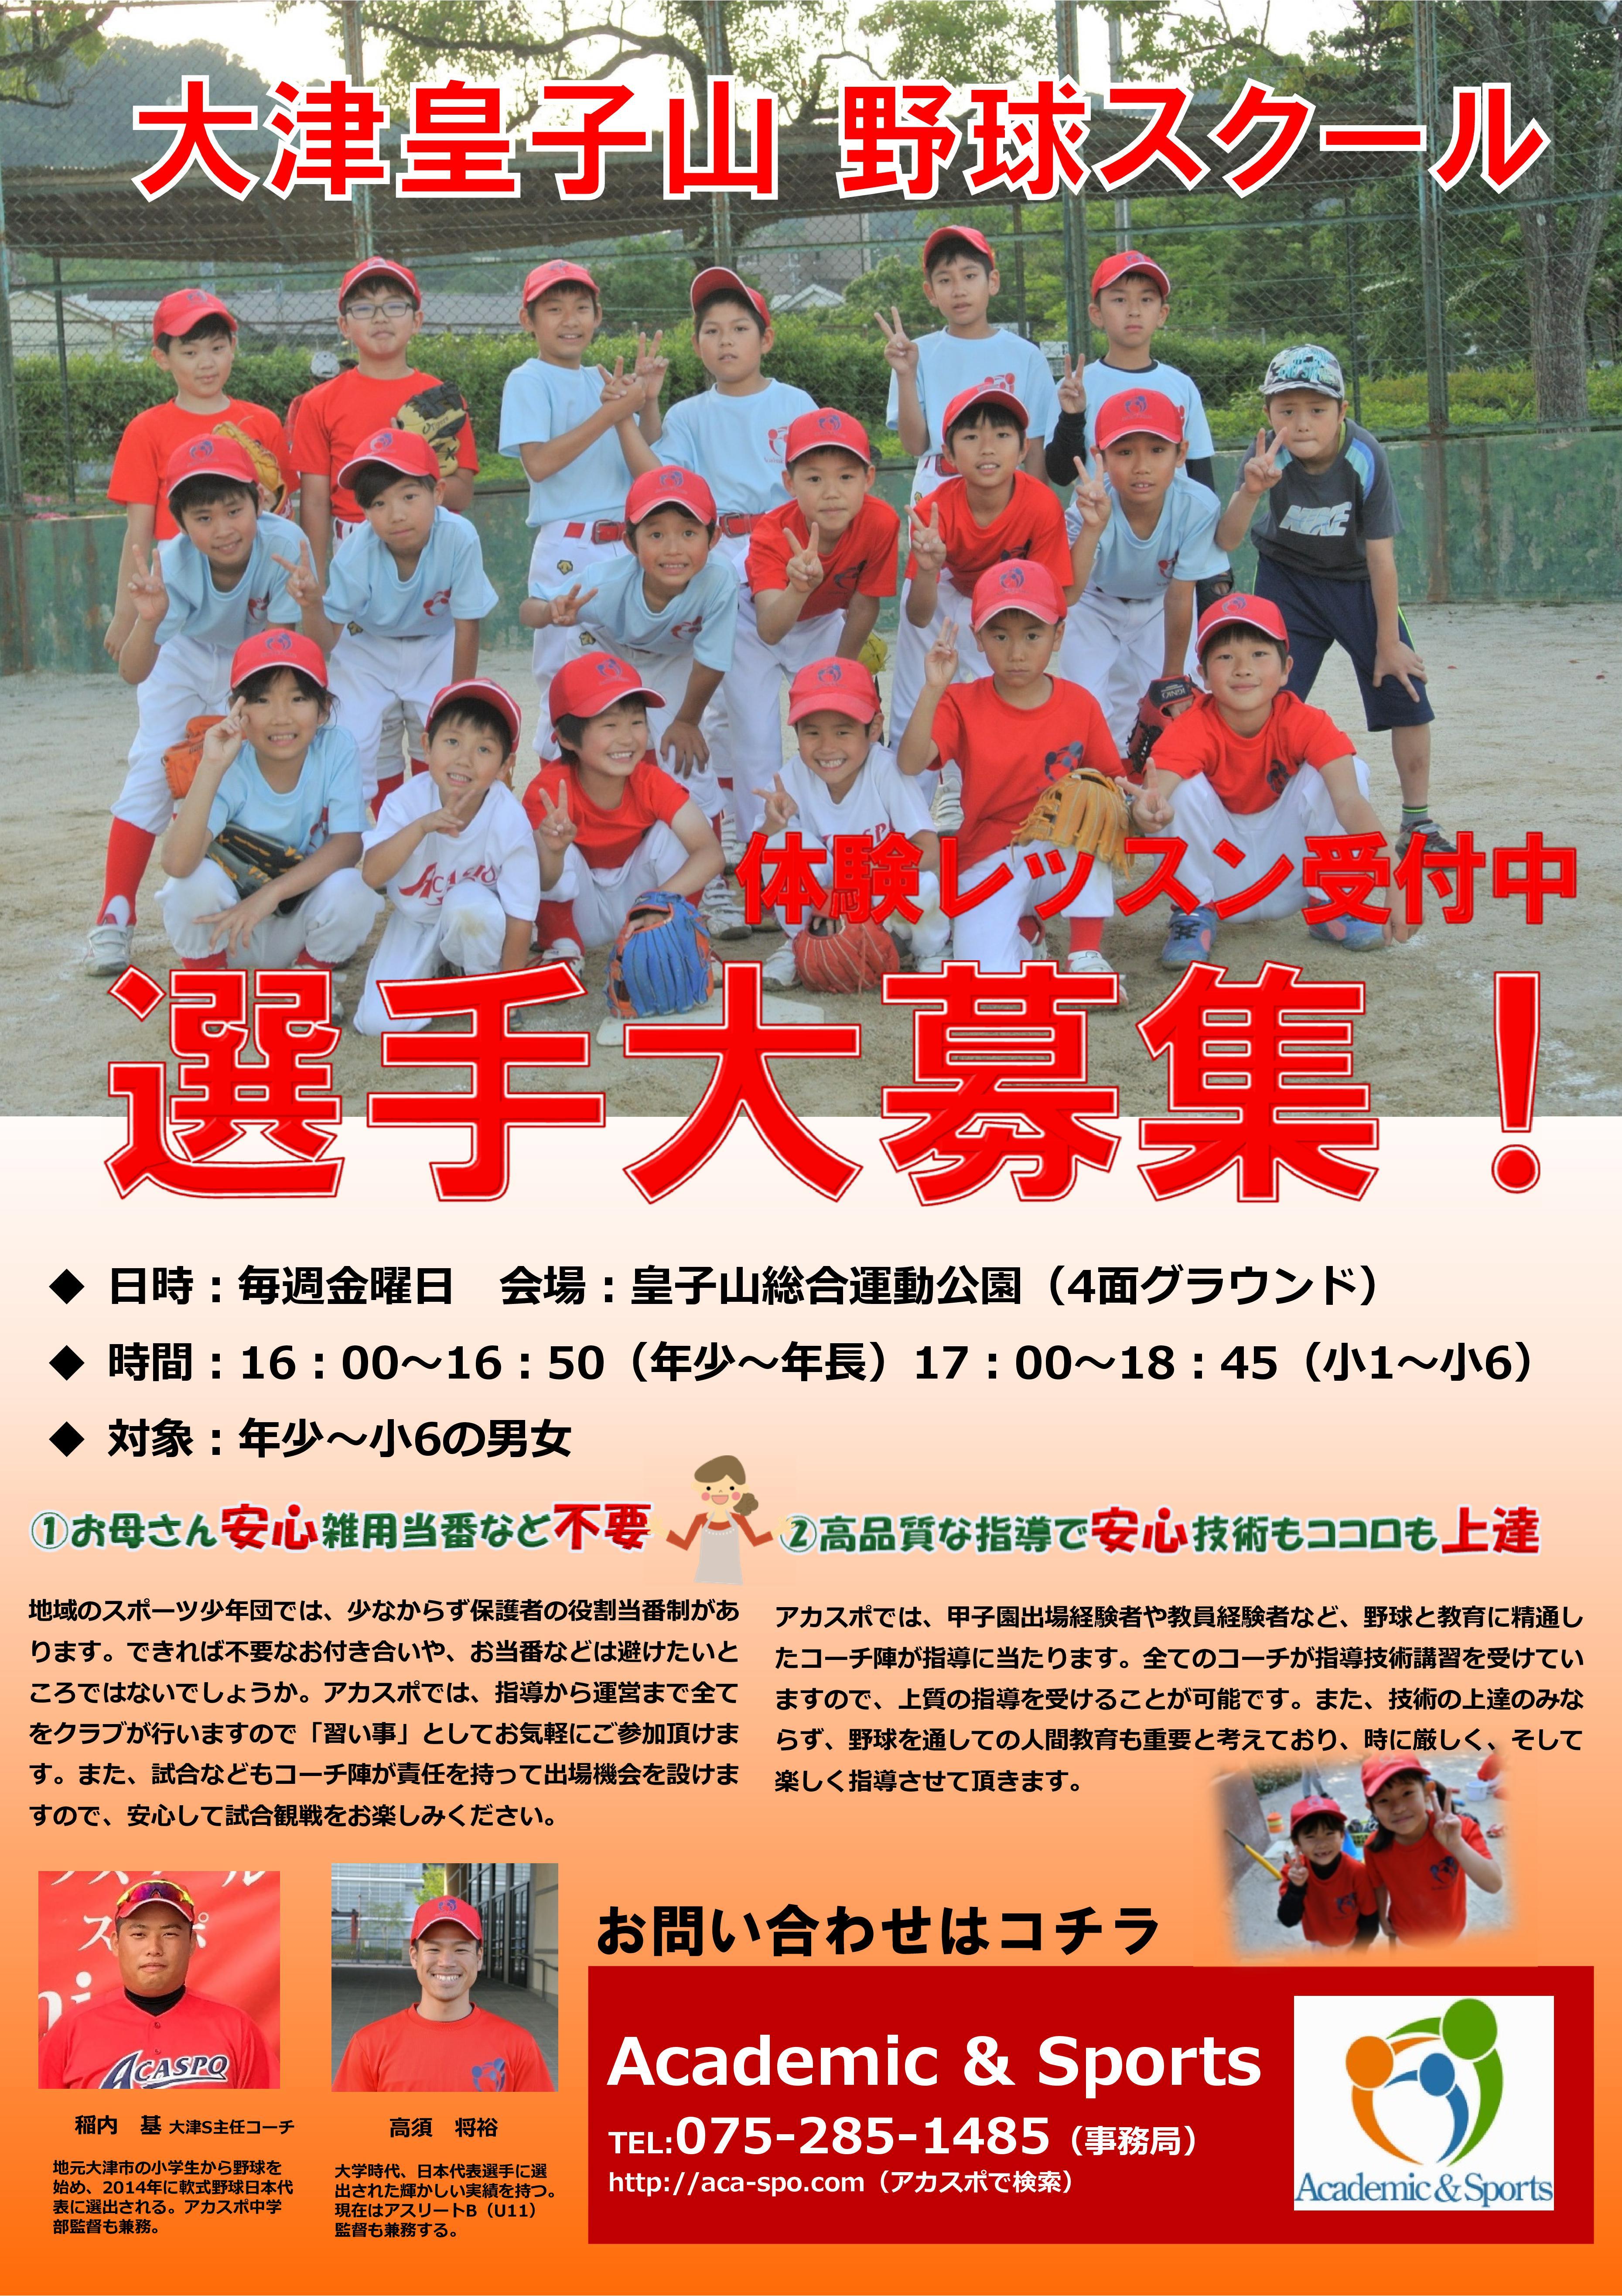 【野球スクール】大津(皇子山)野球スクール 選手募集